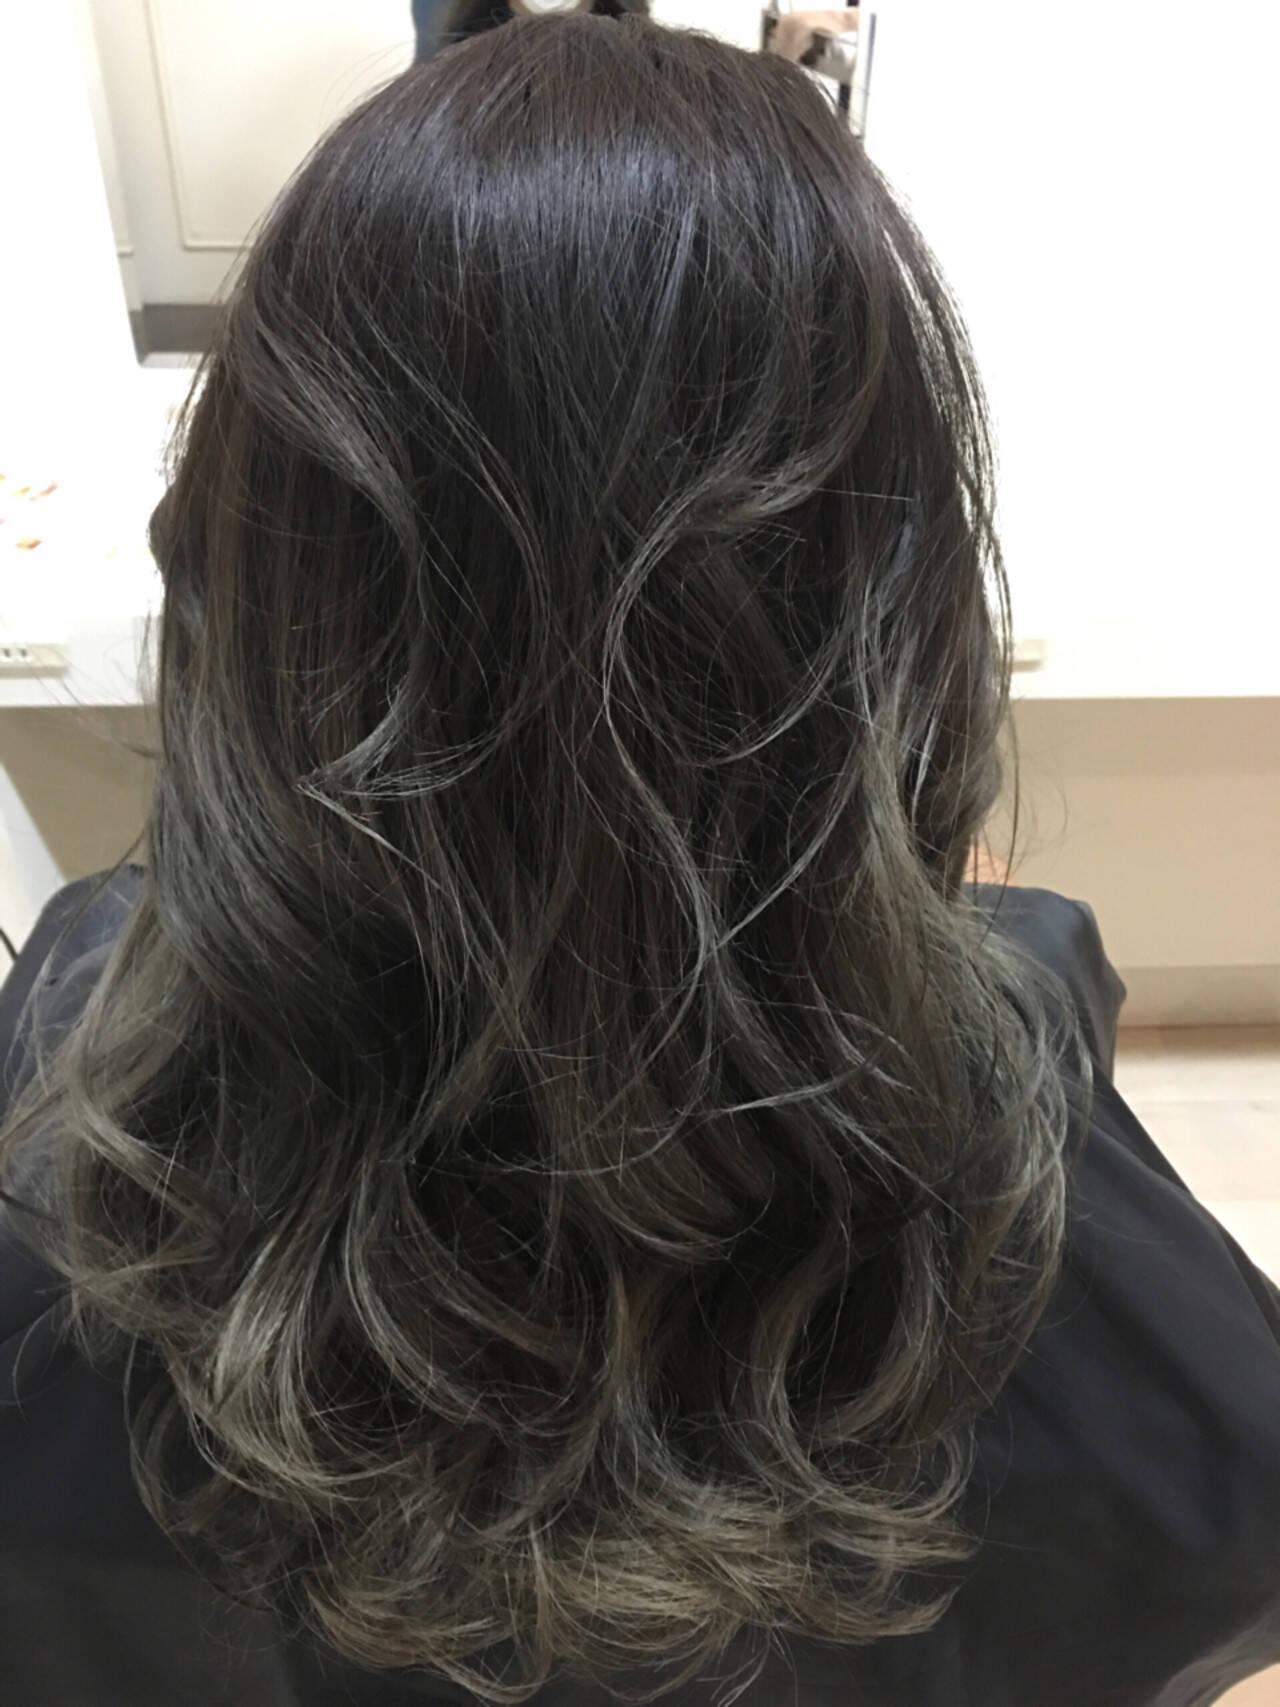 ハイライト 外国人風 ナチュラル 暗髪ヘアスタイルや髪型の写真・画像